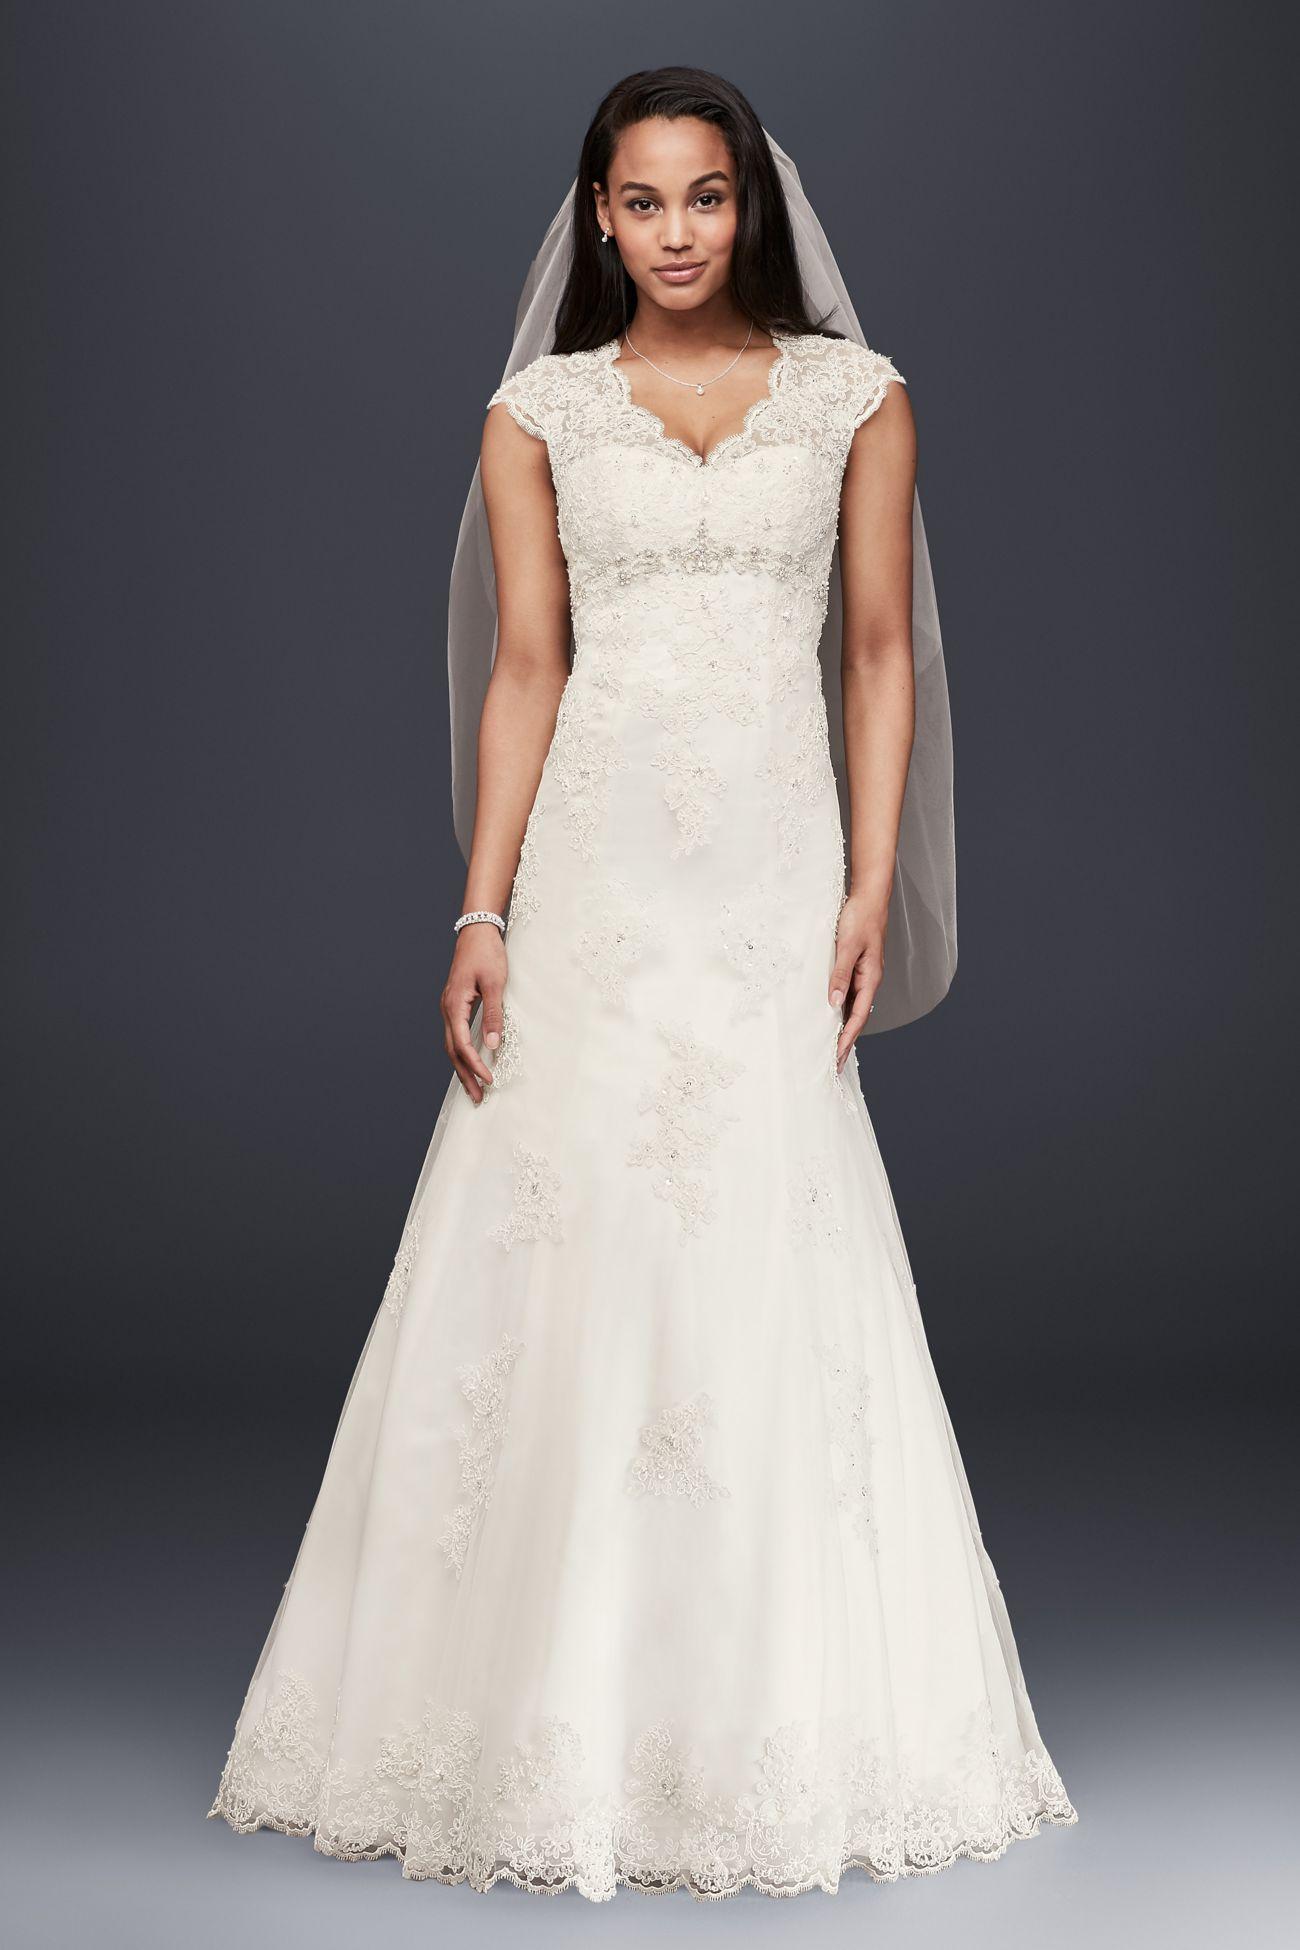 cbe41ad07e02 T3299 David's Bridal | For the big day | Boda, Vestidos, Novios